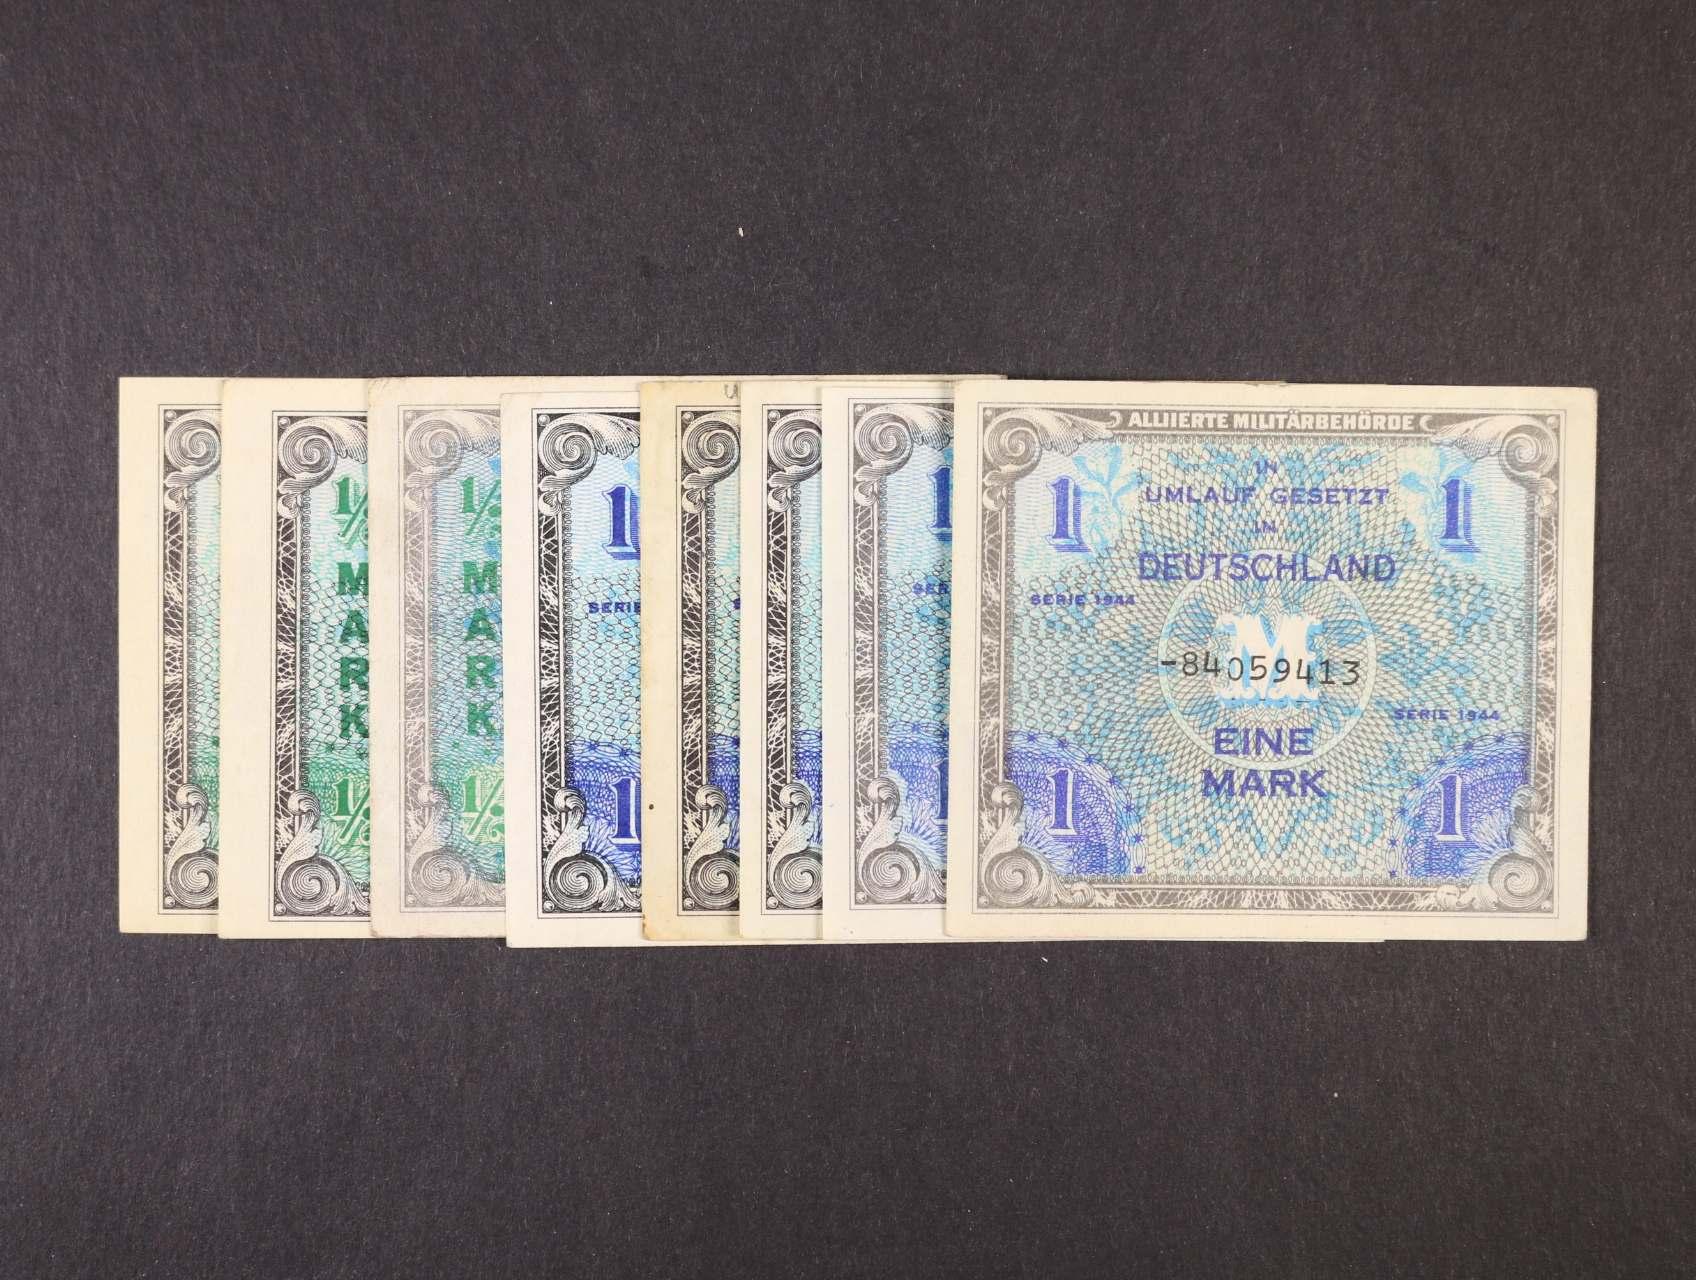 Allierte, 1/2 Mark 1944 9-ti místný číslovač, tisk USA (2x) + 8-mi místný číslovač, tisk SSSR, 1 Mark 1944 9-ti místný číslovač, tisk USA (3x) + 8-mi a 9-ti místný číslovač, tisk SSSR, platné na ČS území, Ro. 200 a, c, 201a, c, d, Ba. AM1a, c, 2a, c, d, 8ks